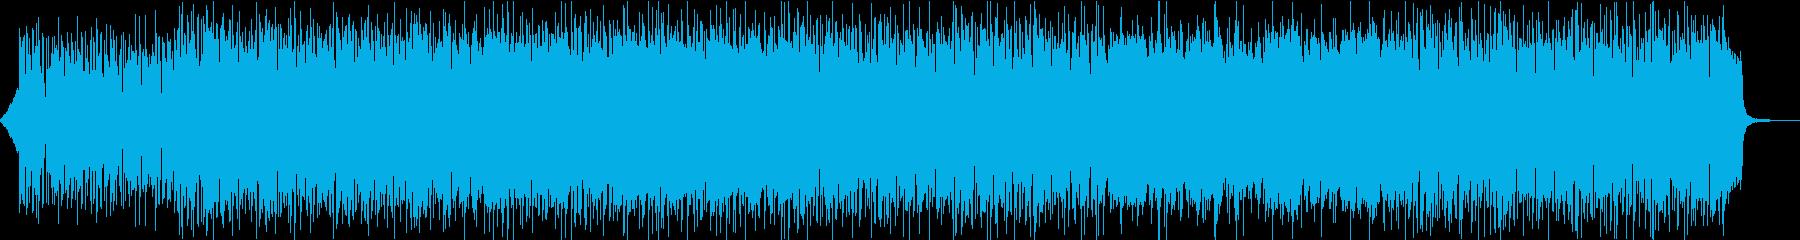 サックスの入った軽快なソフトロックの再生済みの波形